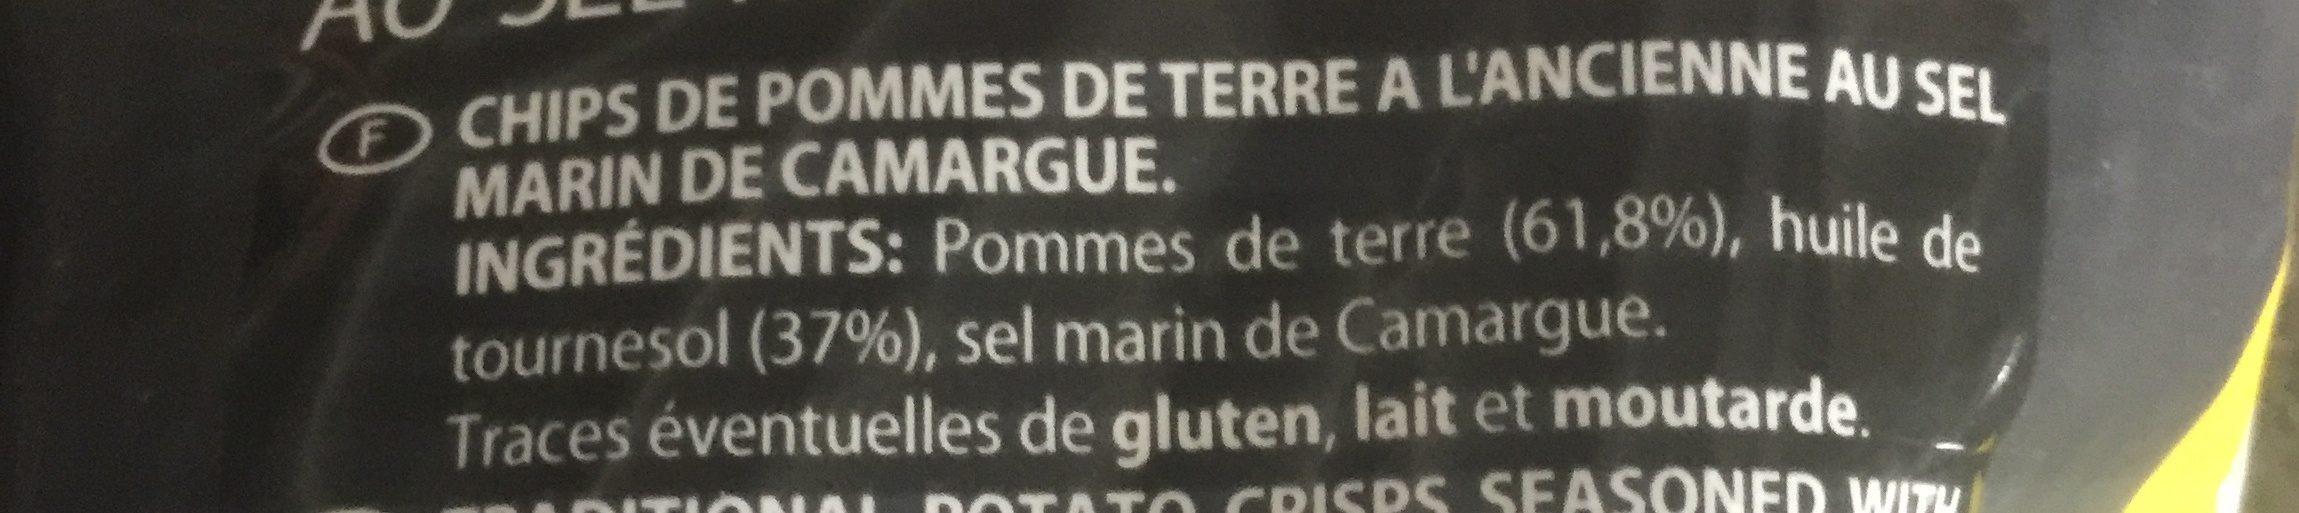 Chips à l'ancienne - Ingrédients - fr